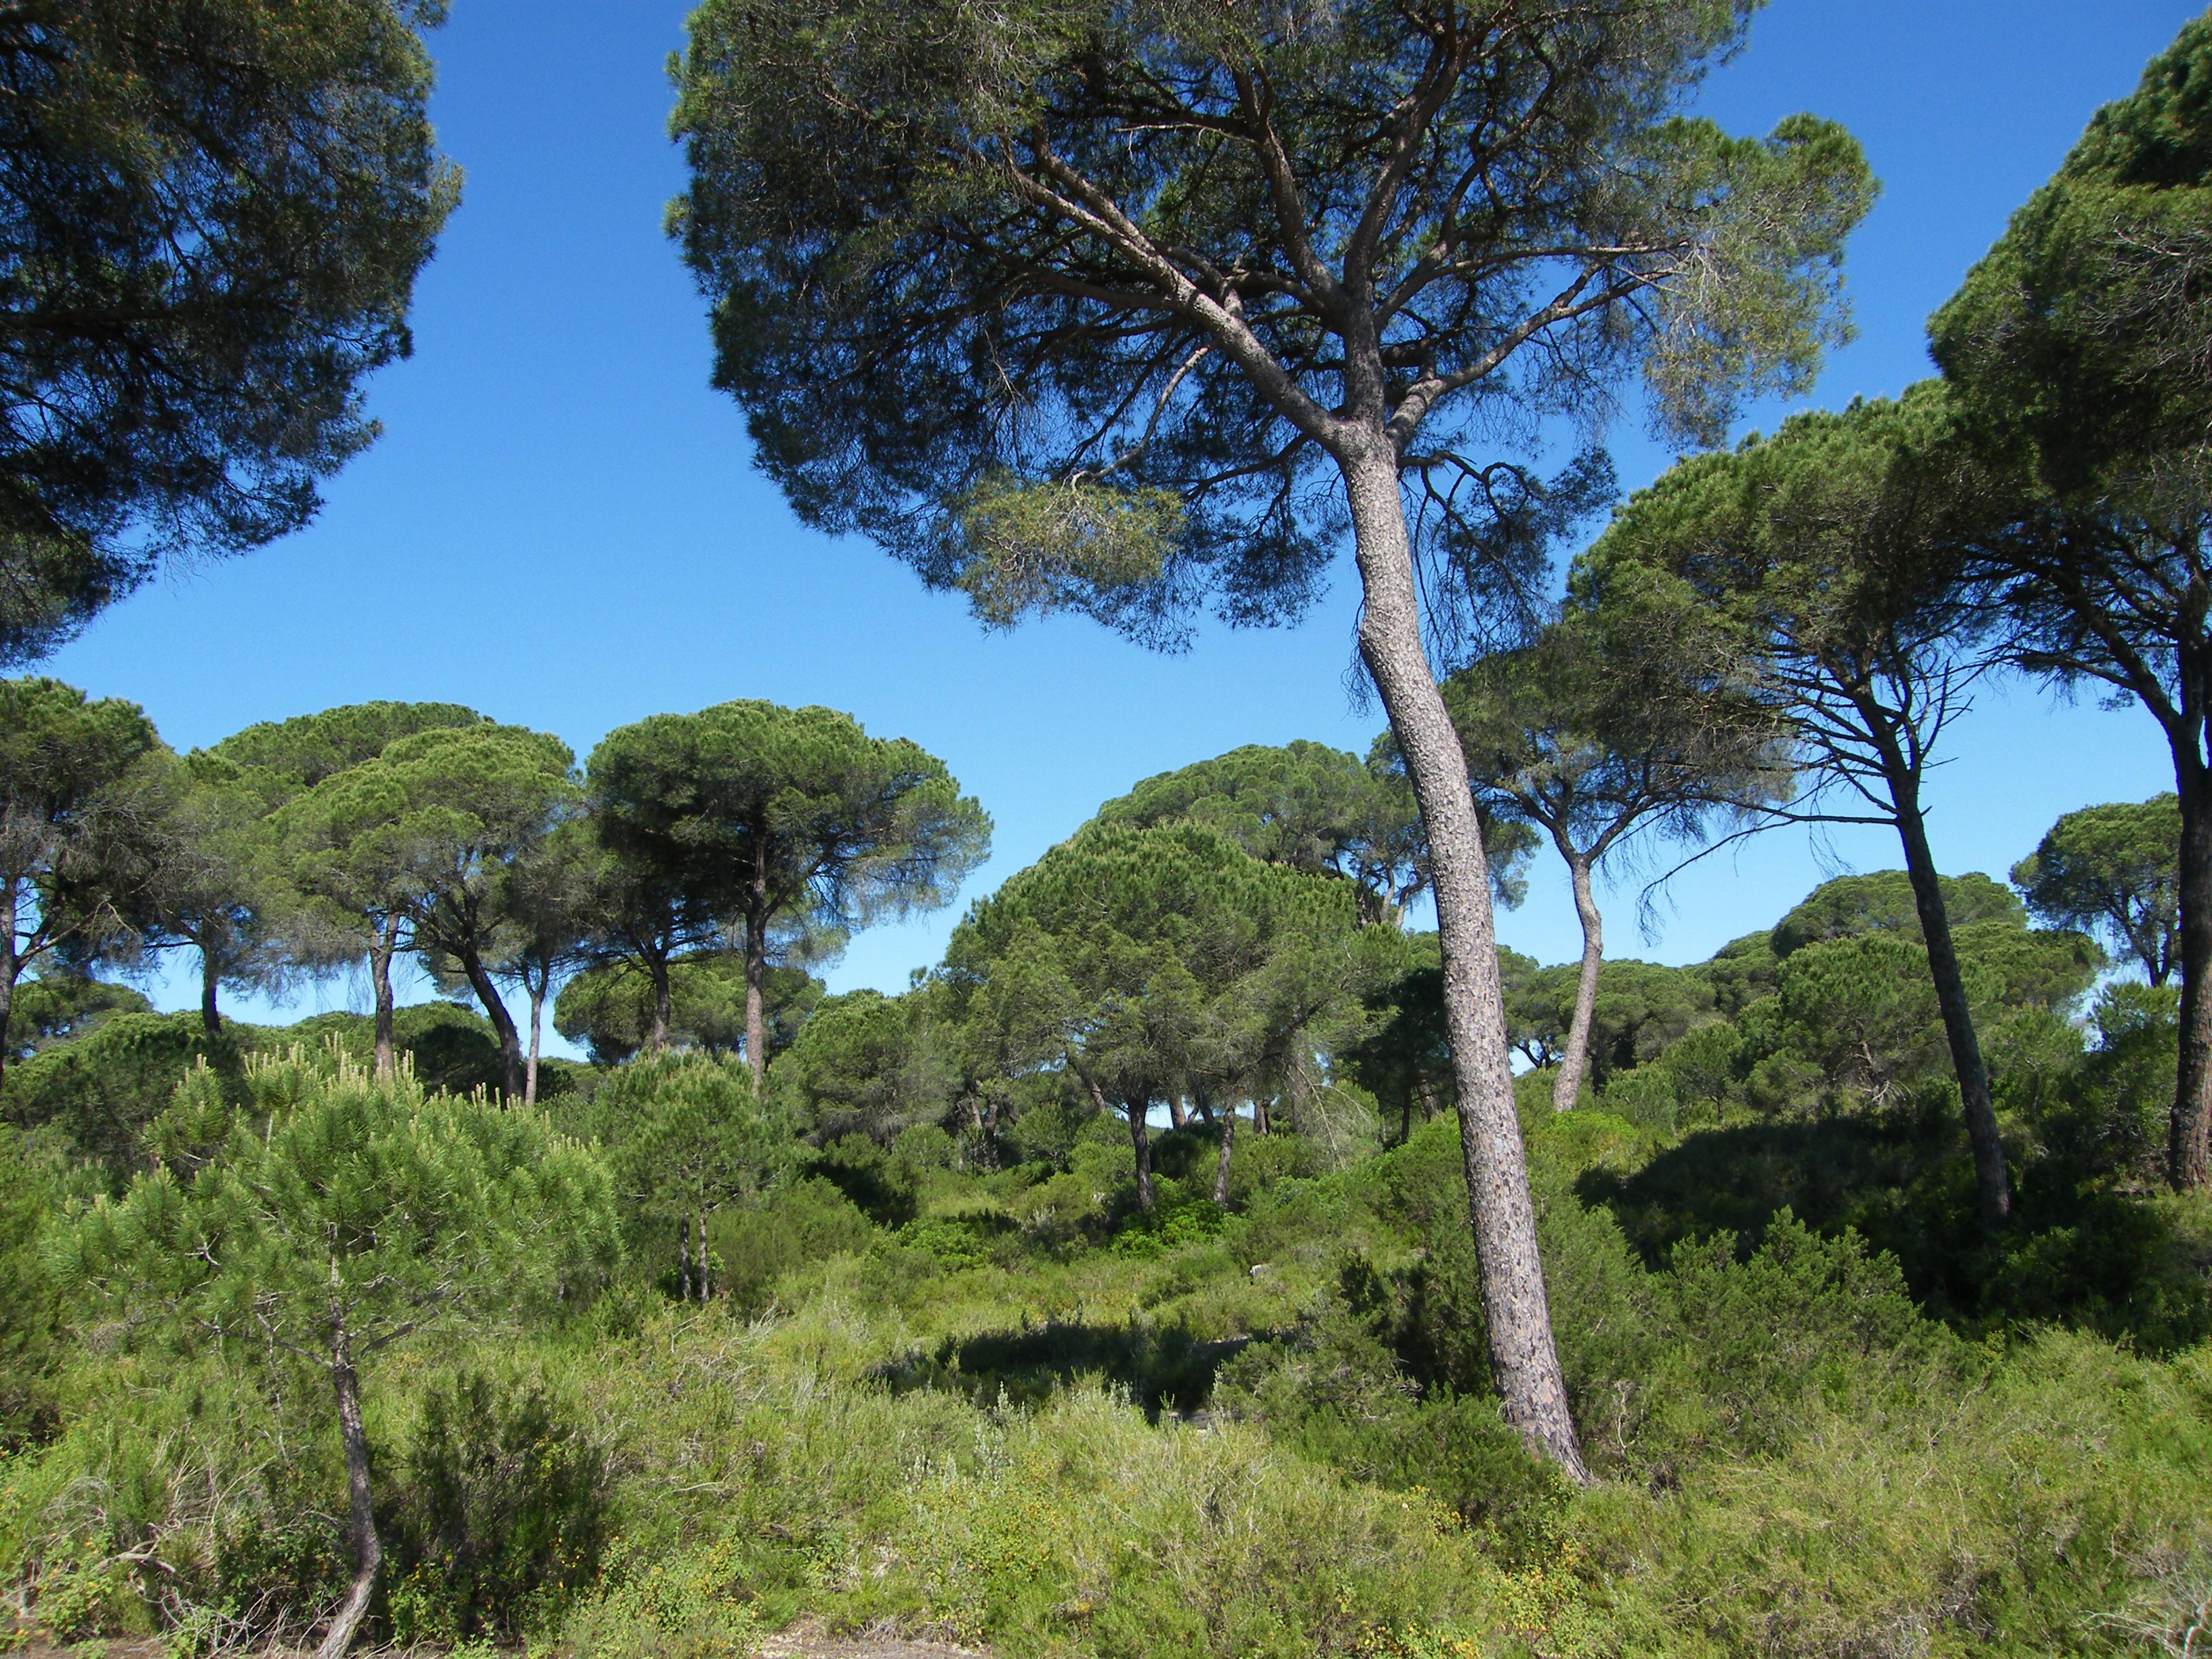 Ecosistemas dunares, típico hábitat de esta rara especie (1)